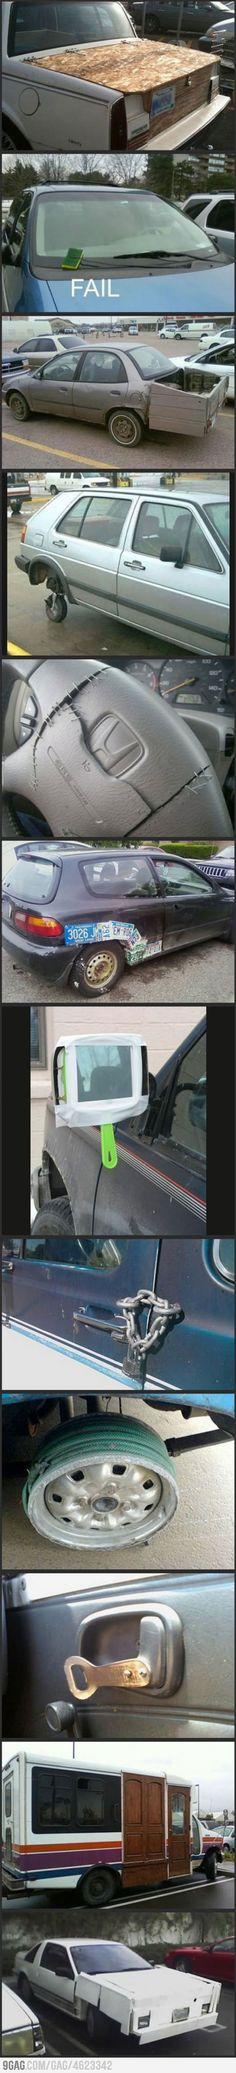 Car repairers fail